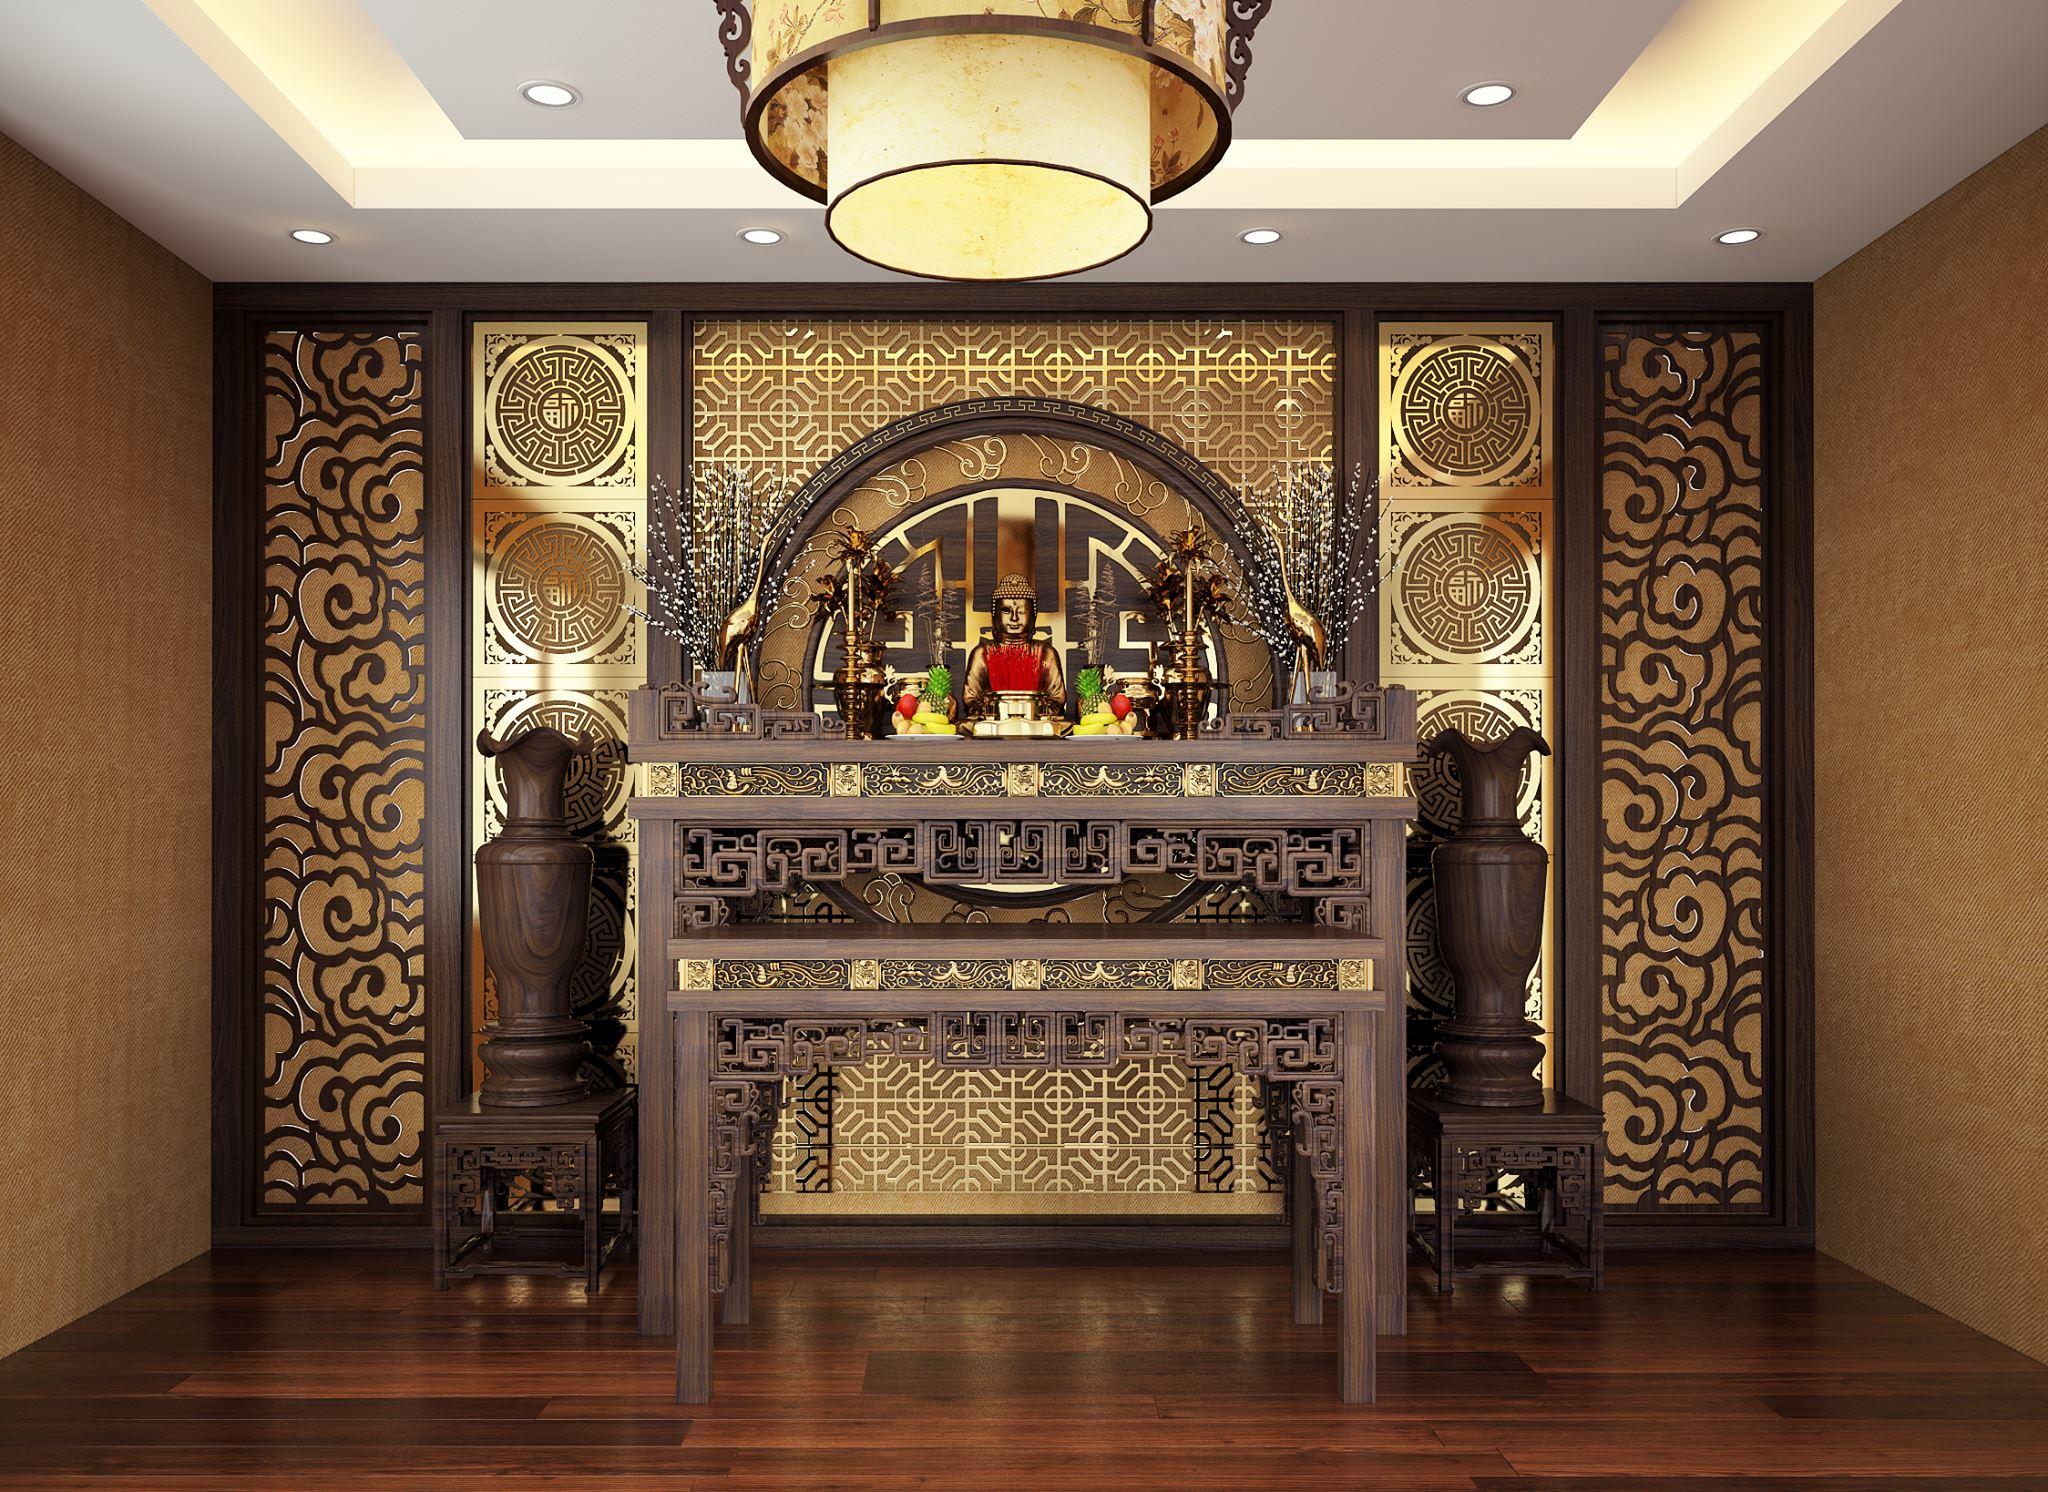 Trang trí phòng thờ kết hợp ý tưởng chọn gỗ tự nhiên để chạm khắc họa tiết rồng phượng múa lượn rất phù hợp với truyền thống phong tục tế bái